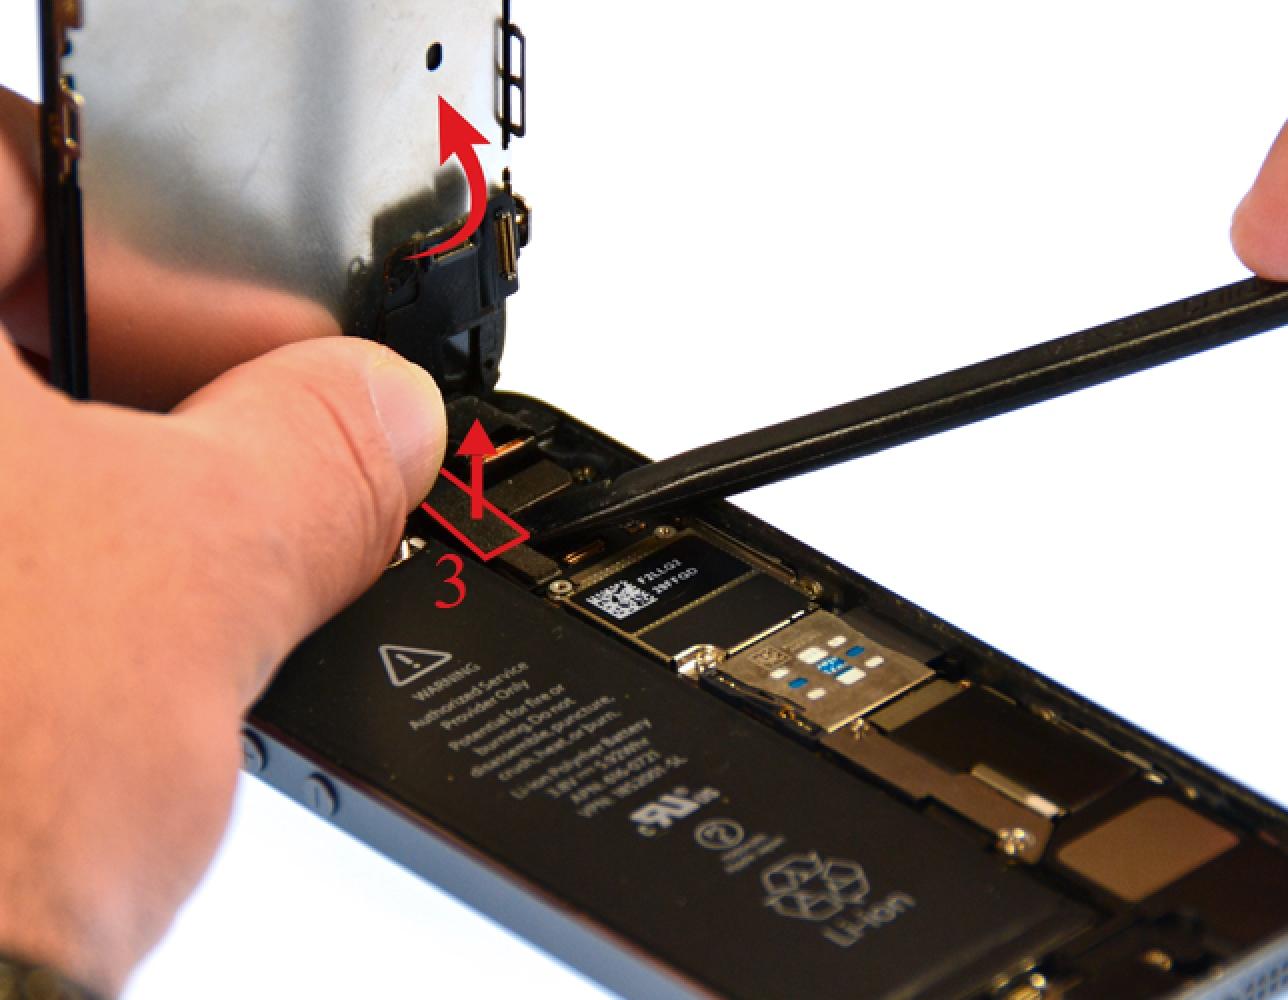 Etape 6 : Déconnecter les nappes LCD, tactile et caméra Facetime